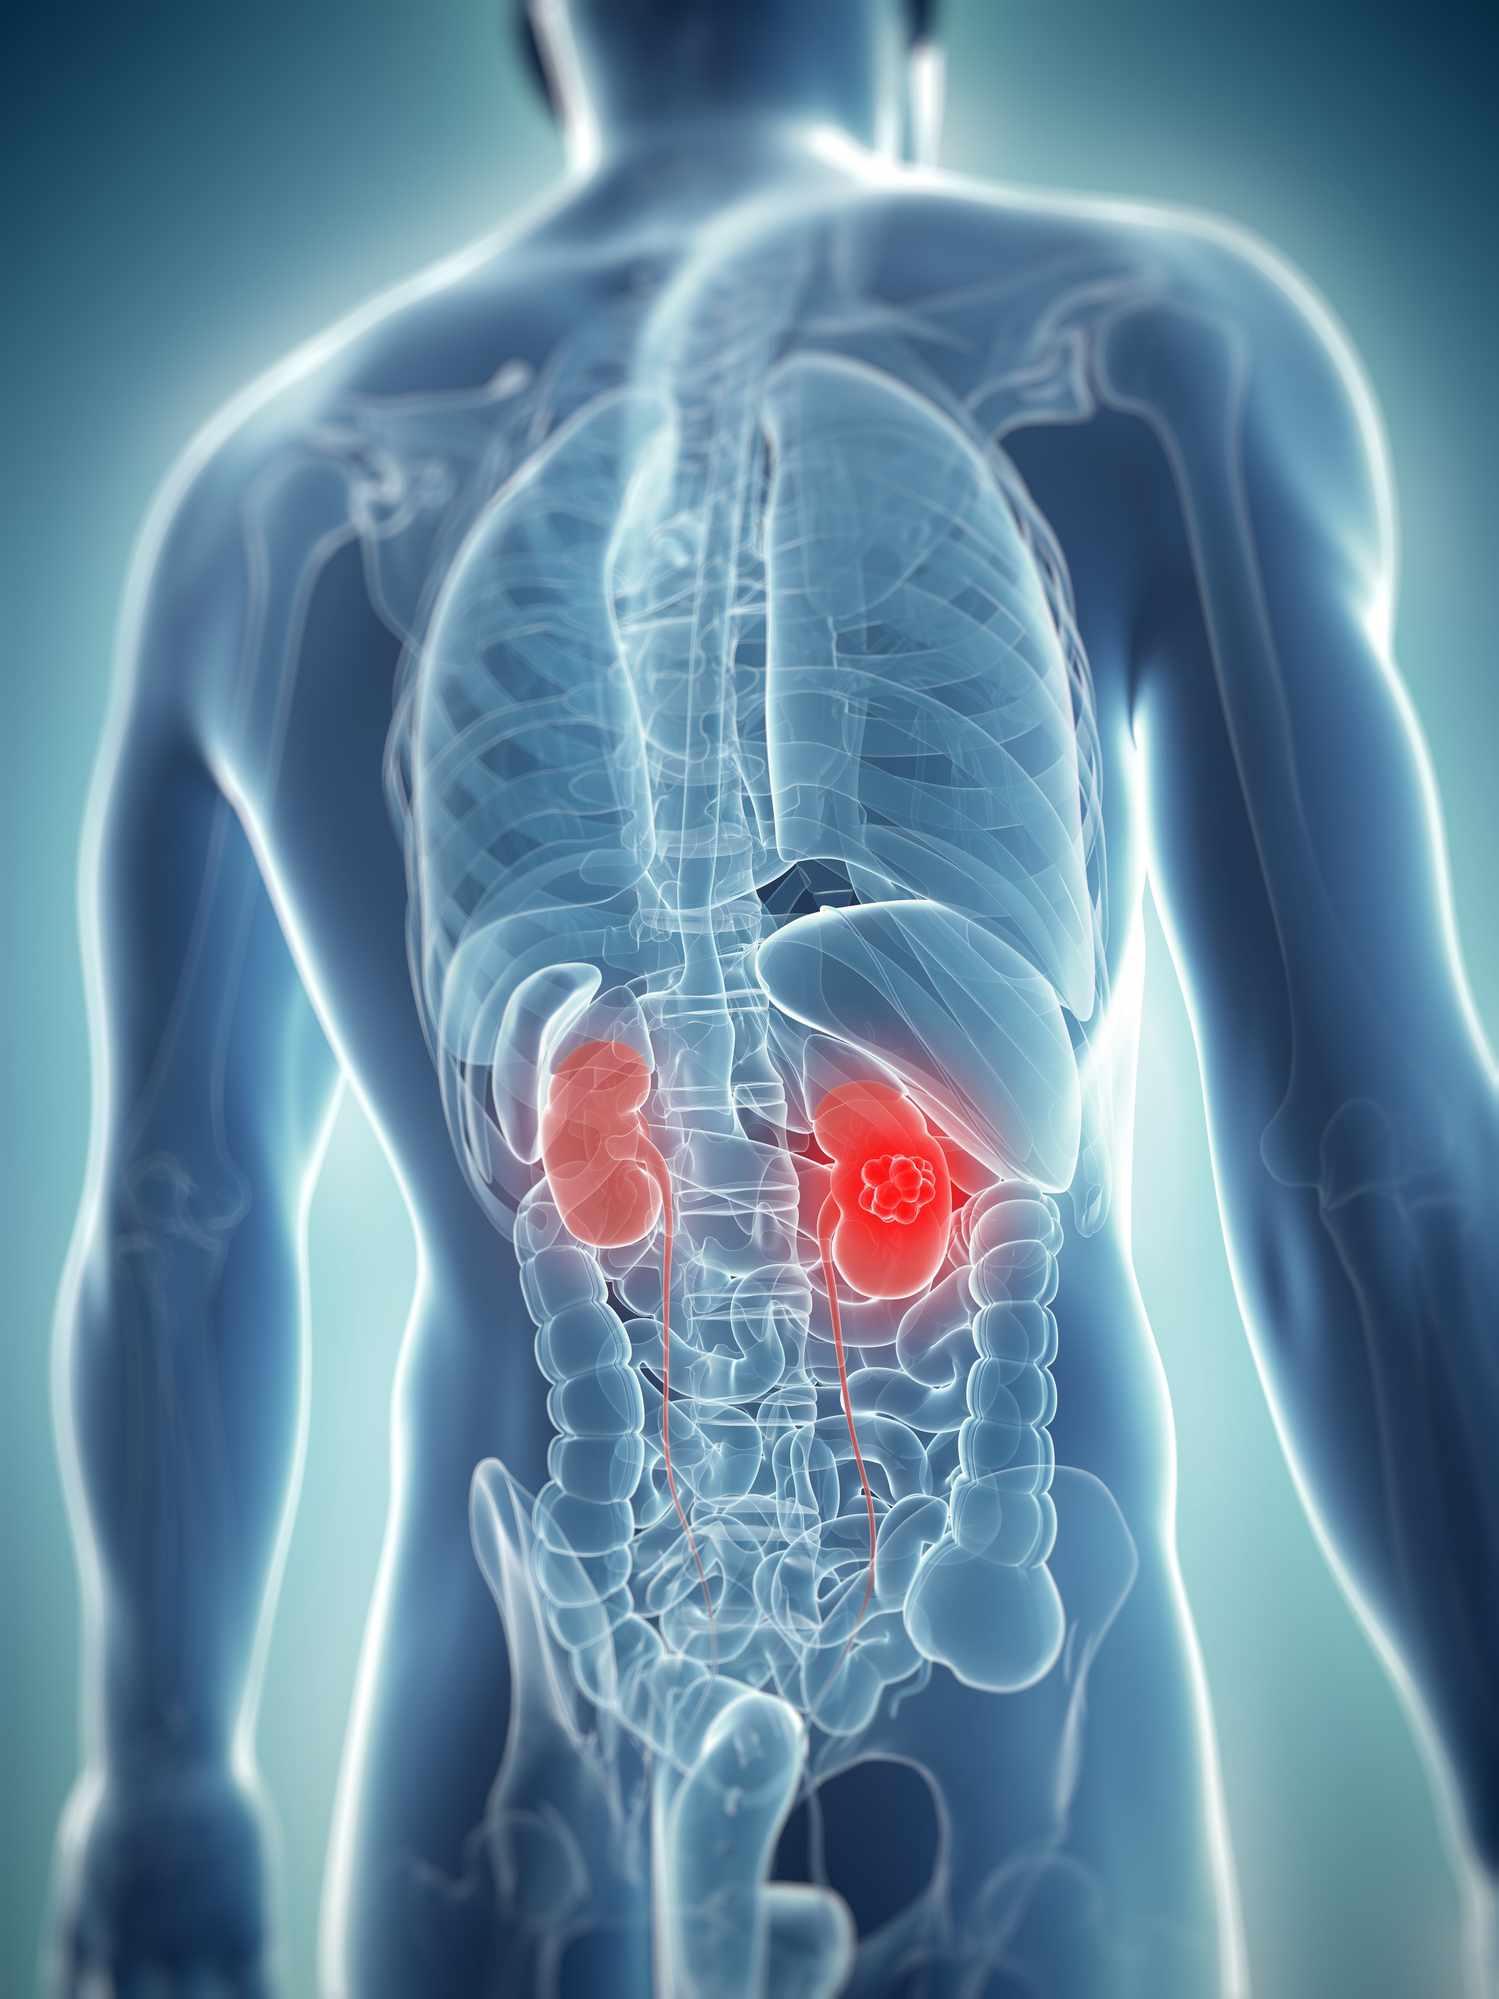 Kidney cancer, artwork